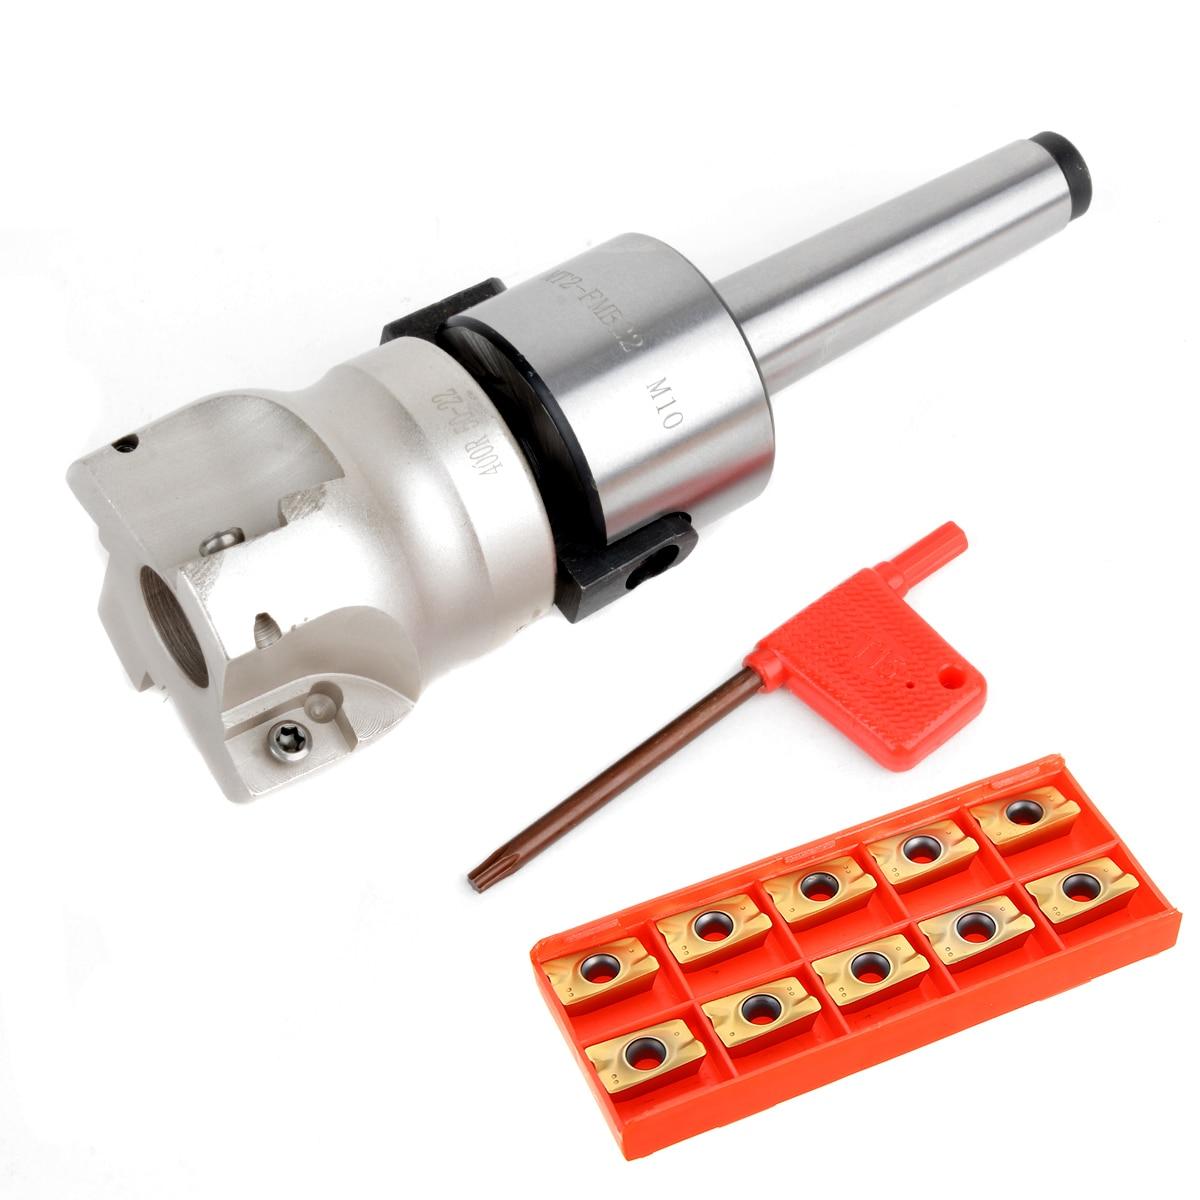 MT2 400R 50mm Visage Fraise + 10 pièces Carré APMT1604 Carbure Inserts avec T15 Clé Pour Plaque De Coupe De Fraisage